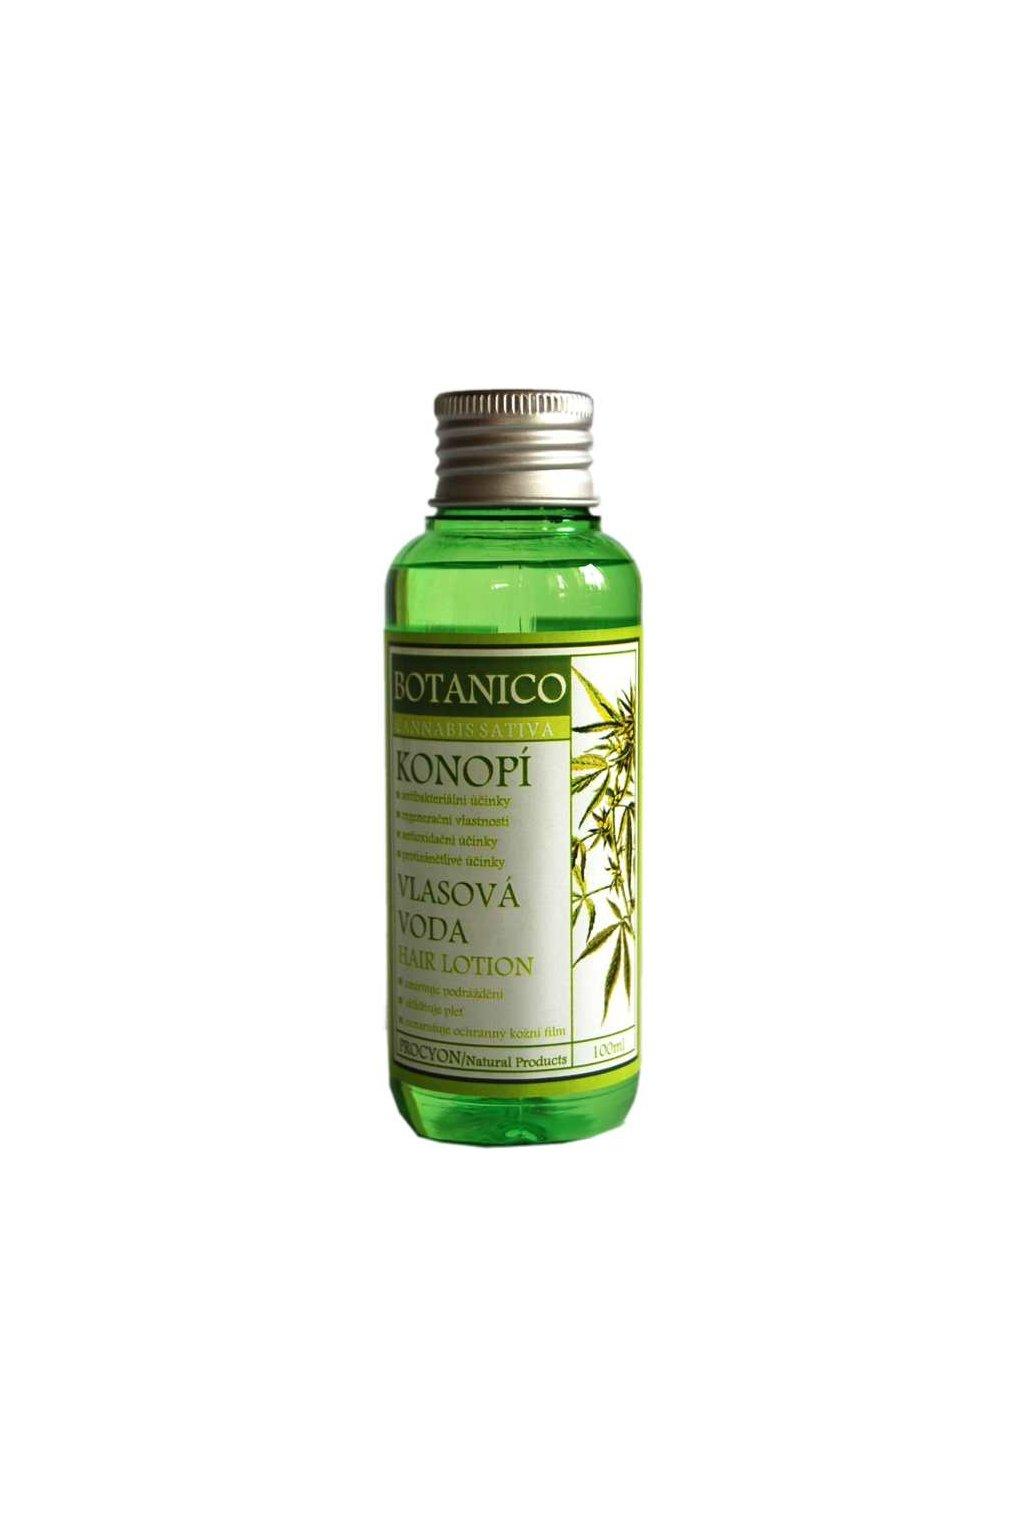 Botanico - Vlasová voda - Konopí - 100ml